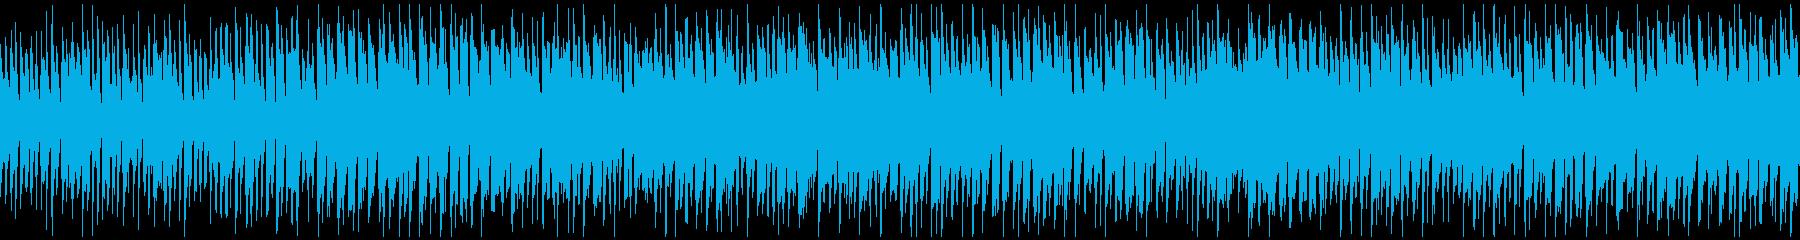 カートゥーン系リコーダー劇伴 ※ループ版の再生済みの波形